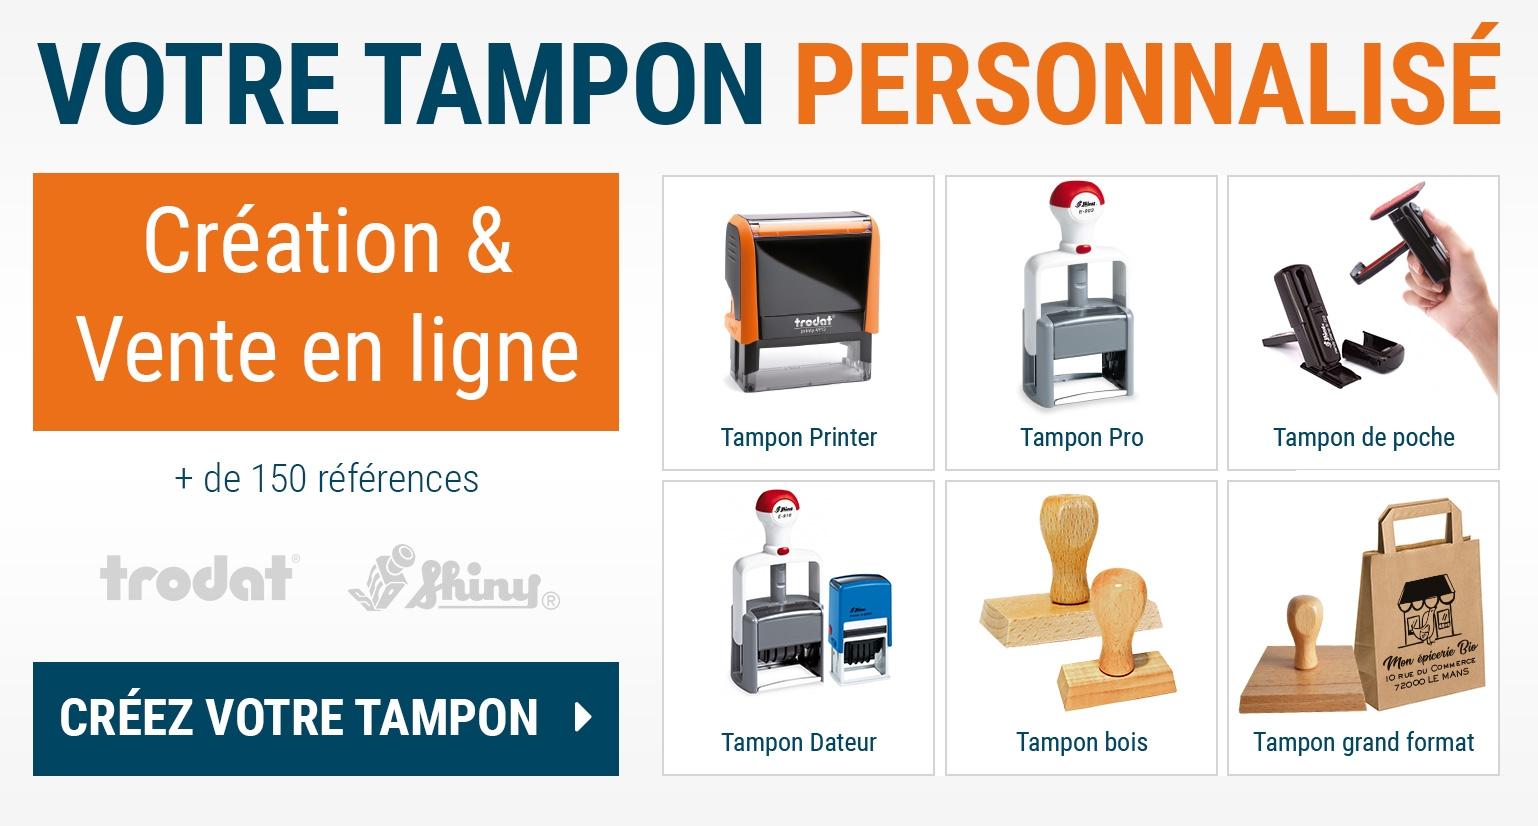 Créez en ligne votre tampon personnalisé : tampon printer, tampon encreur professionnel, tampon dateur, ...